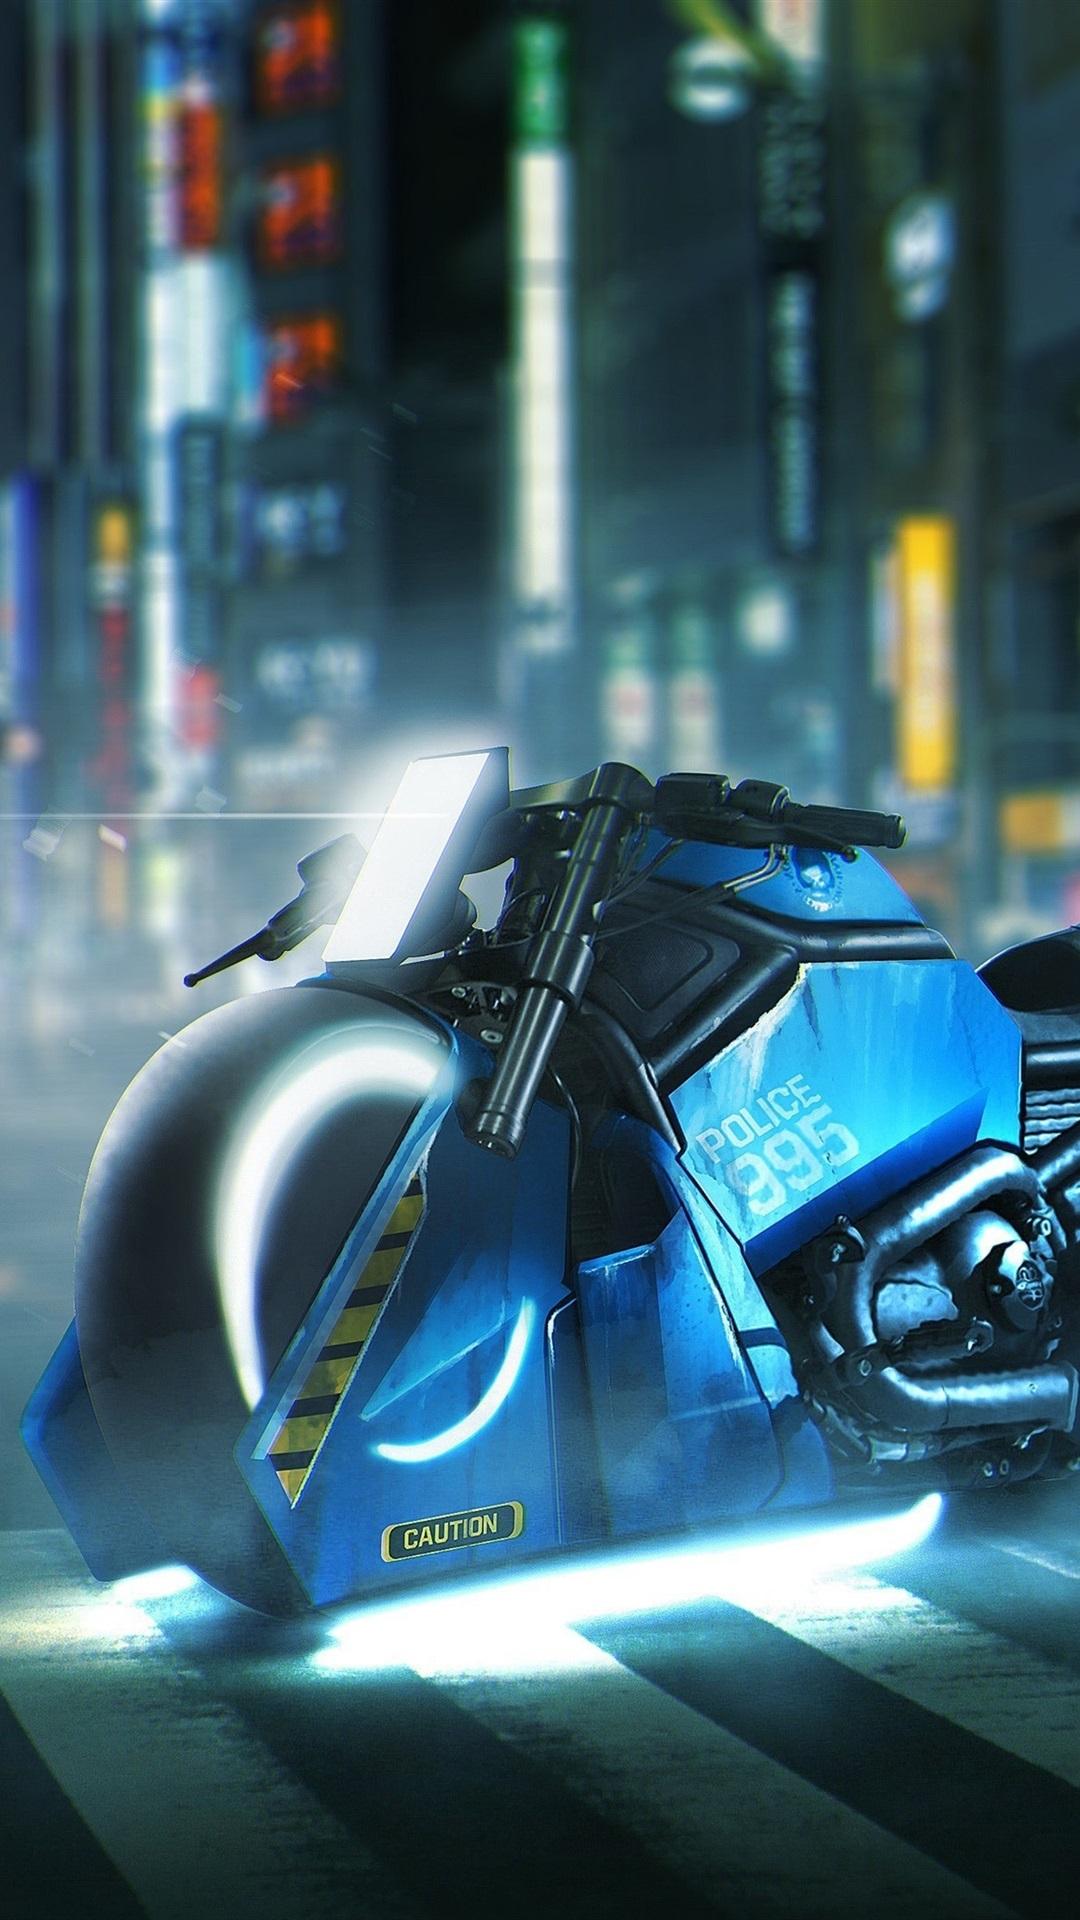 壁紙 ブレードランナー2049 ハーレーダビッドソンオートバイ